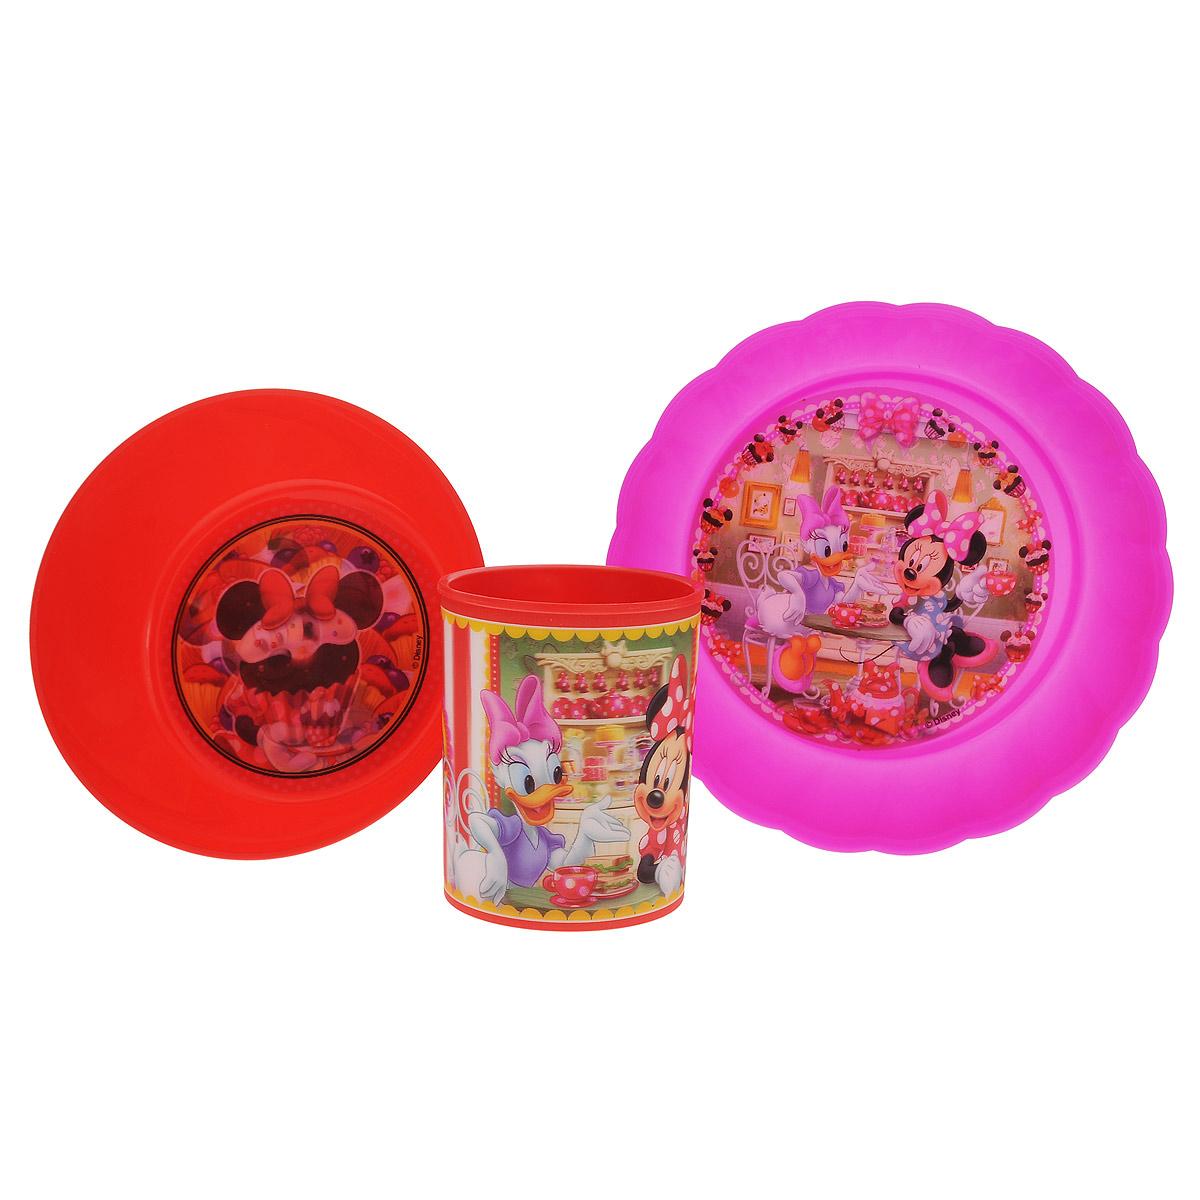 Набор детской посуды Disney Минни и Дейзи, цвет: красный, розовый, 3 предмета794003оранжевыйНабор детской посуды Disney Минни и Дейзи состоит из стакана, салатника и тарелки. Посуда, выполненная из пищевого пластика, оформлена изображениями героев популярного мультфильма Клуб Микки Мауса - Минни и Дейзи. Рисунки находятся под слоем прозрачного структурного пластика (линзы), создающего эффект объемного изображения, как в 3D кино, и исключающего попадание краски в жидкость. Небьющаяся посуда, красивая, легкая и удобная в уходе, прекрасно выдерживает горячую пищу. Ваш малыш с удовольствием будет кушать вместе с любимыми героями. Объем стакана: 325 мл. Высота стакана: 9 см. Диаметр стакана (по верхнему краю): 7,5 см. Диаметр салатника: 15 см. Высота салатника: 5 см. Диаметр тарелки: 18 см. Высота тарелки: 4 см.